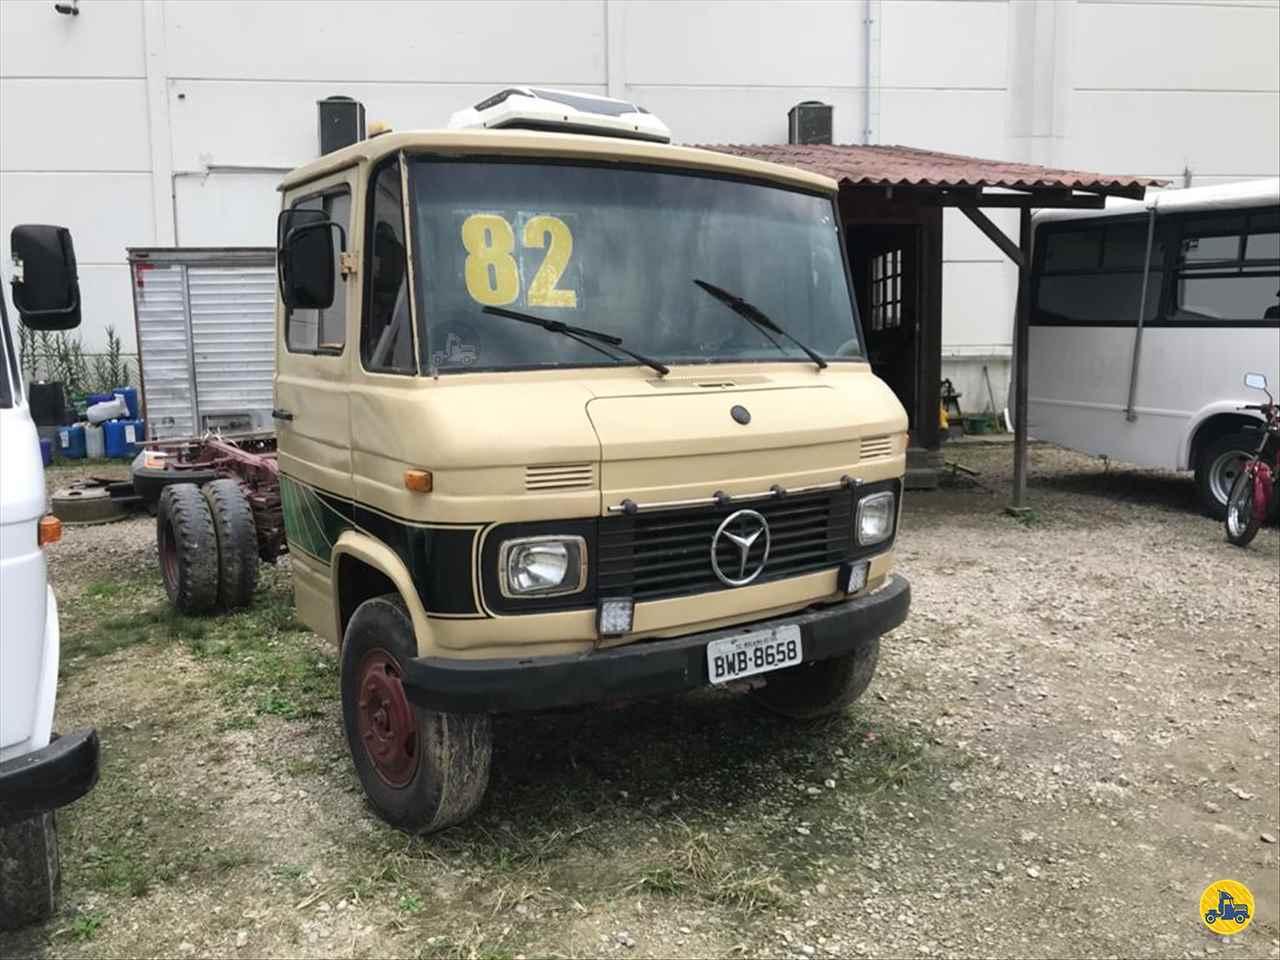 CAMINHAO MERCEDES-BENZ MB 608 Chassis 3/4 4x2 Sandro Caminhões 282 PALHOCA SANTA CATARINA SC